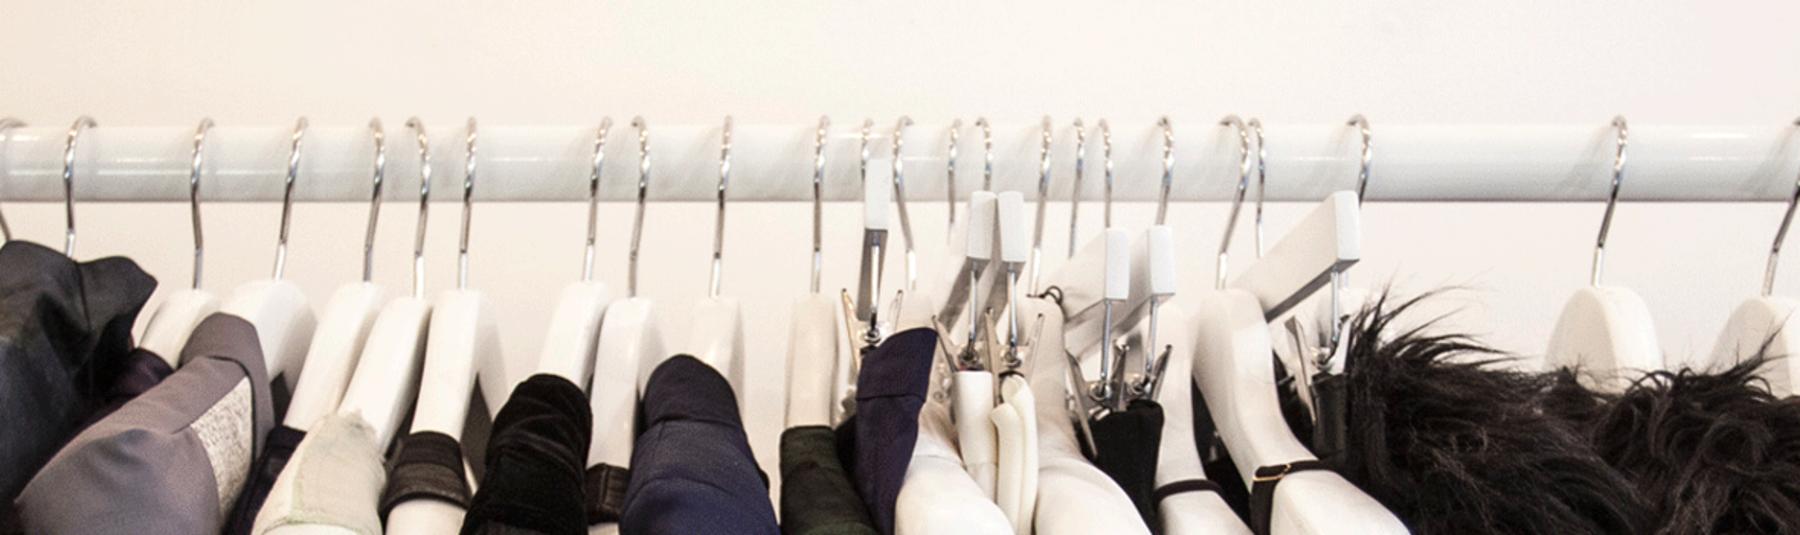 ma fashion retail management ual